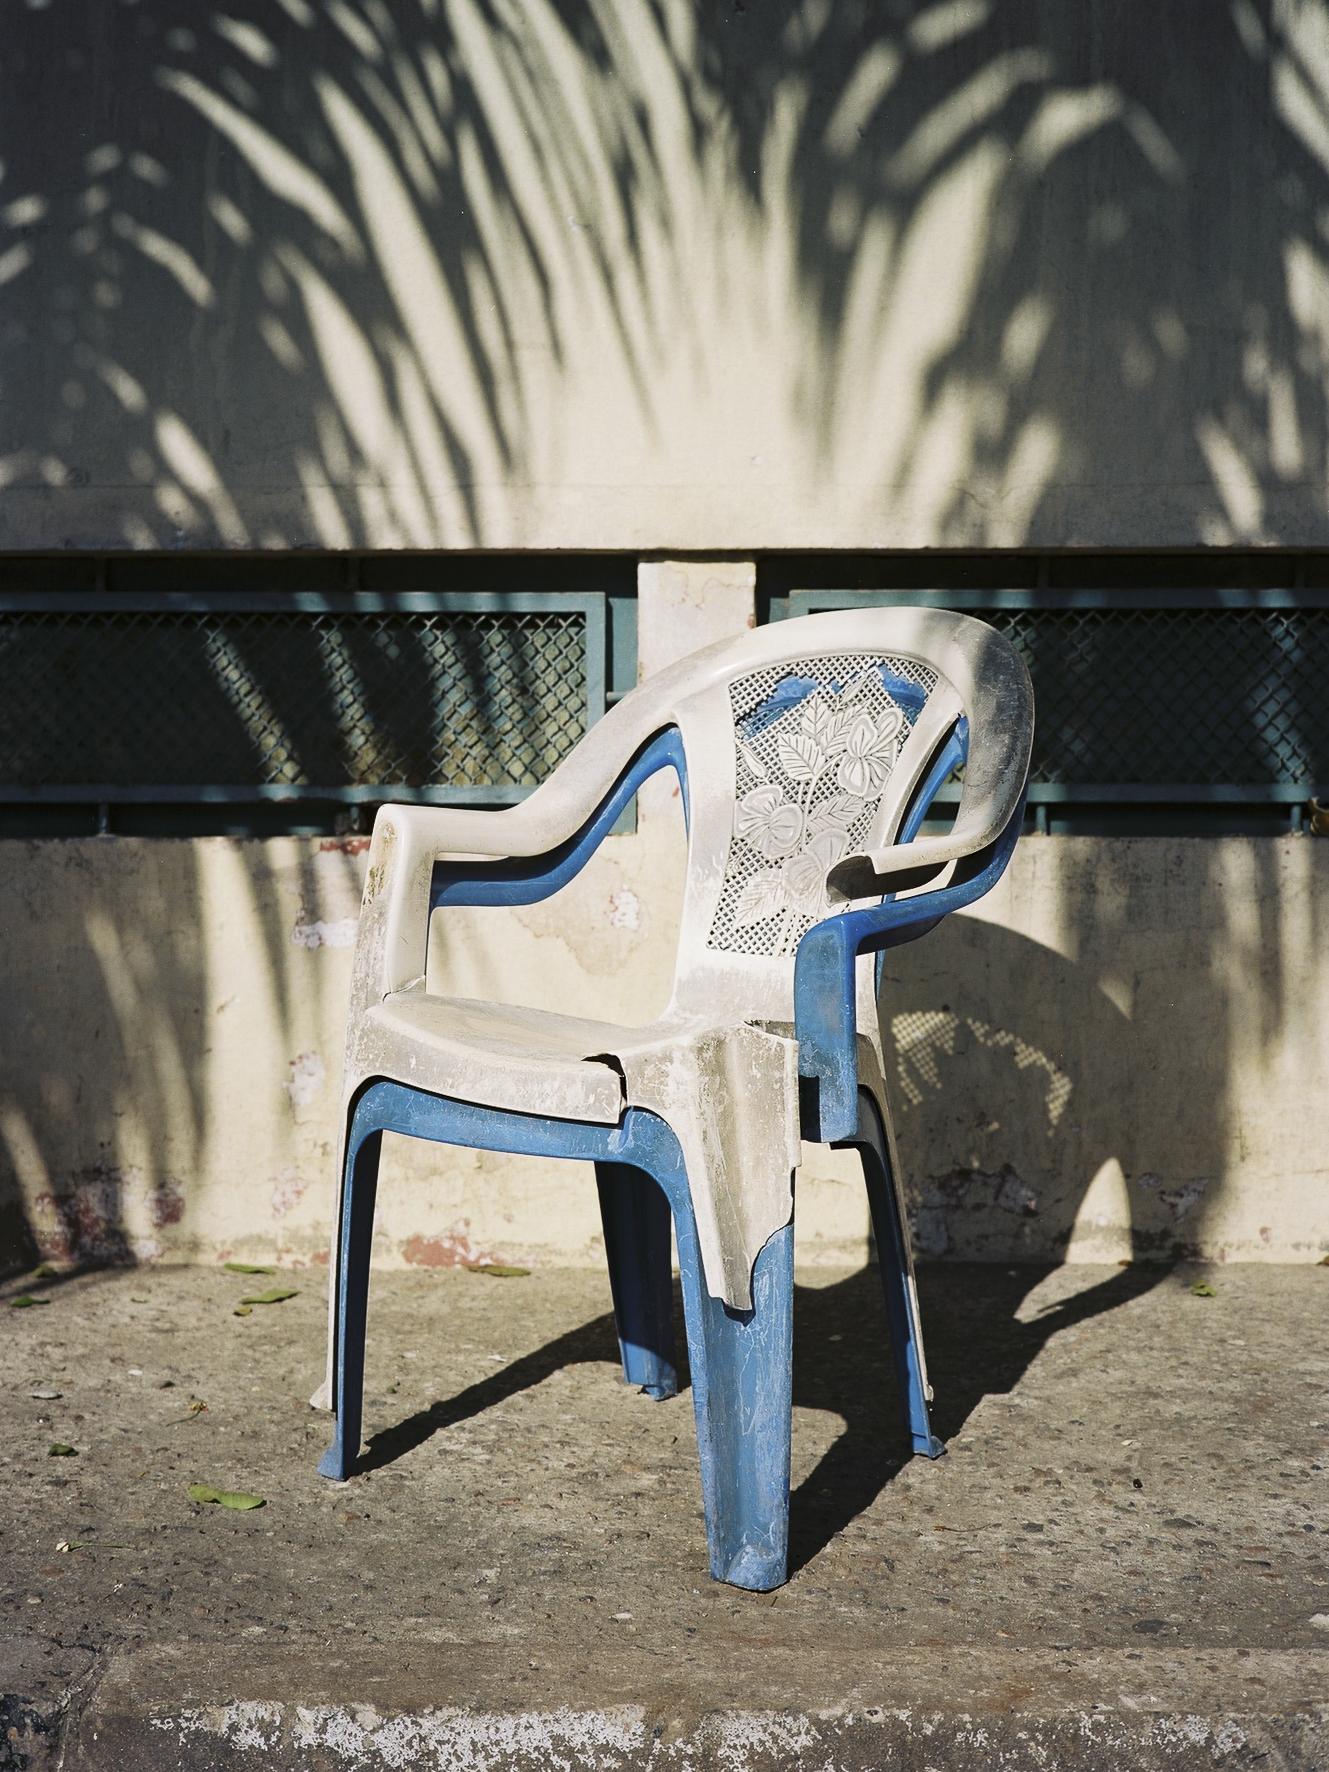 Cadeira_das_Guardas_Miramar_2018_(c)_Daniel_Seiffert.jpg